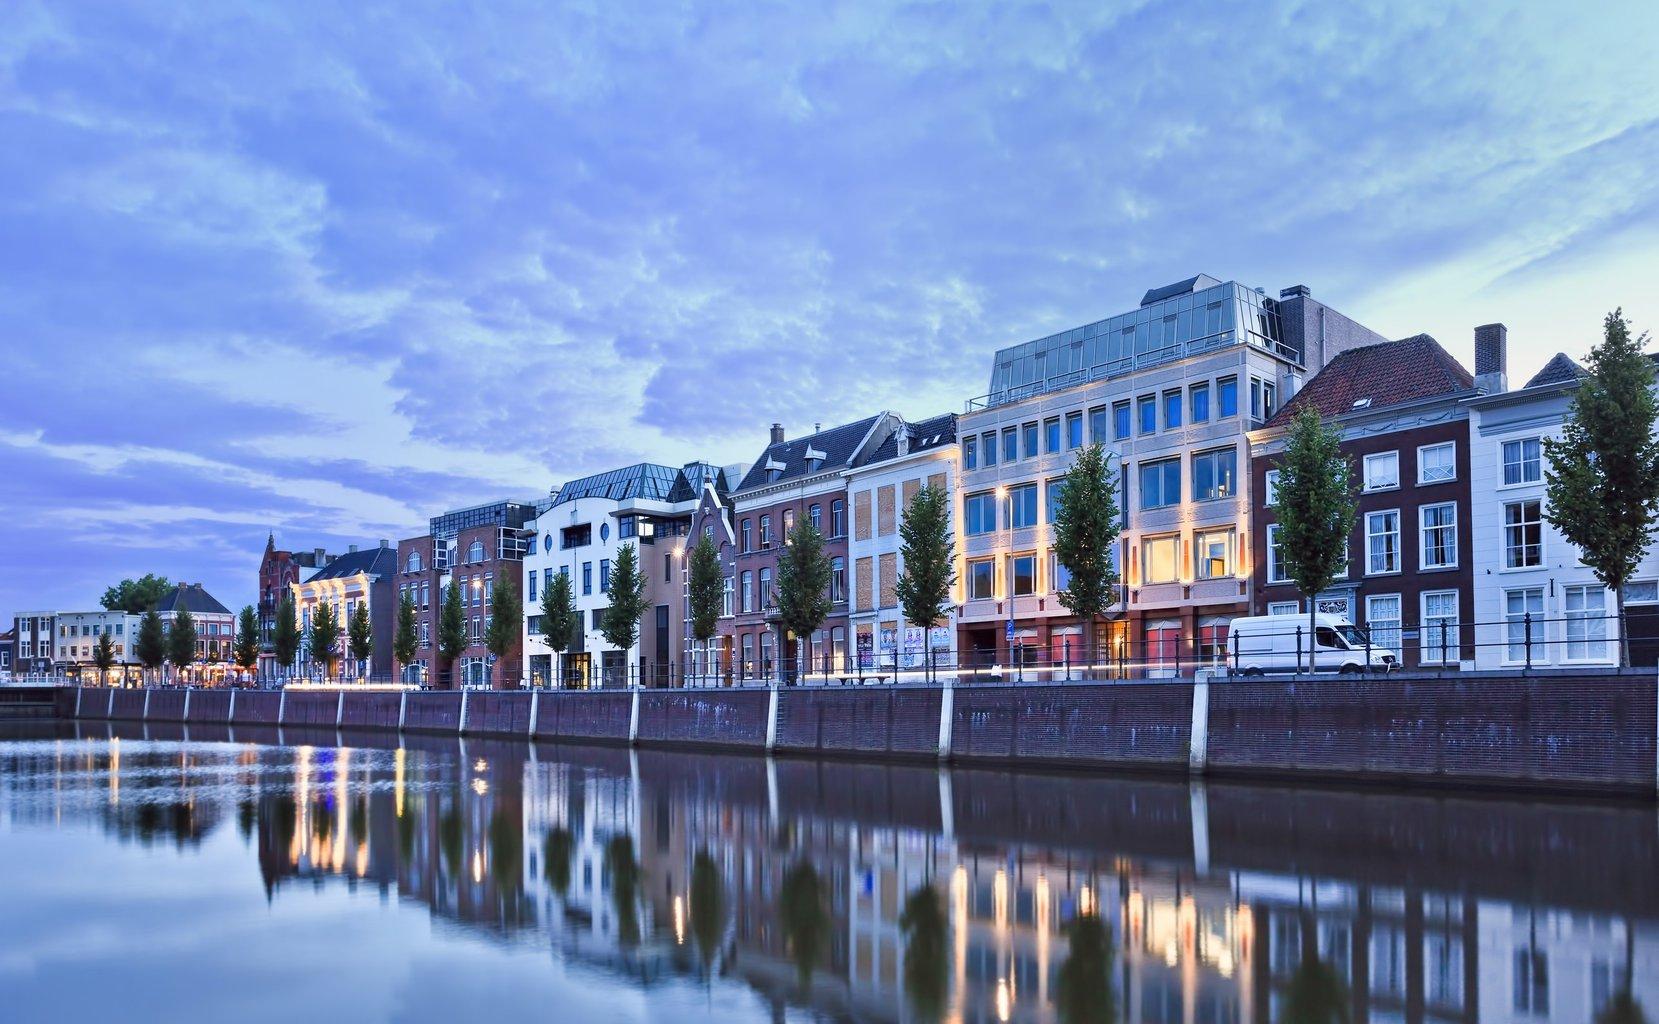 Stadt In Den Niederlanden 6 Buchstaben